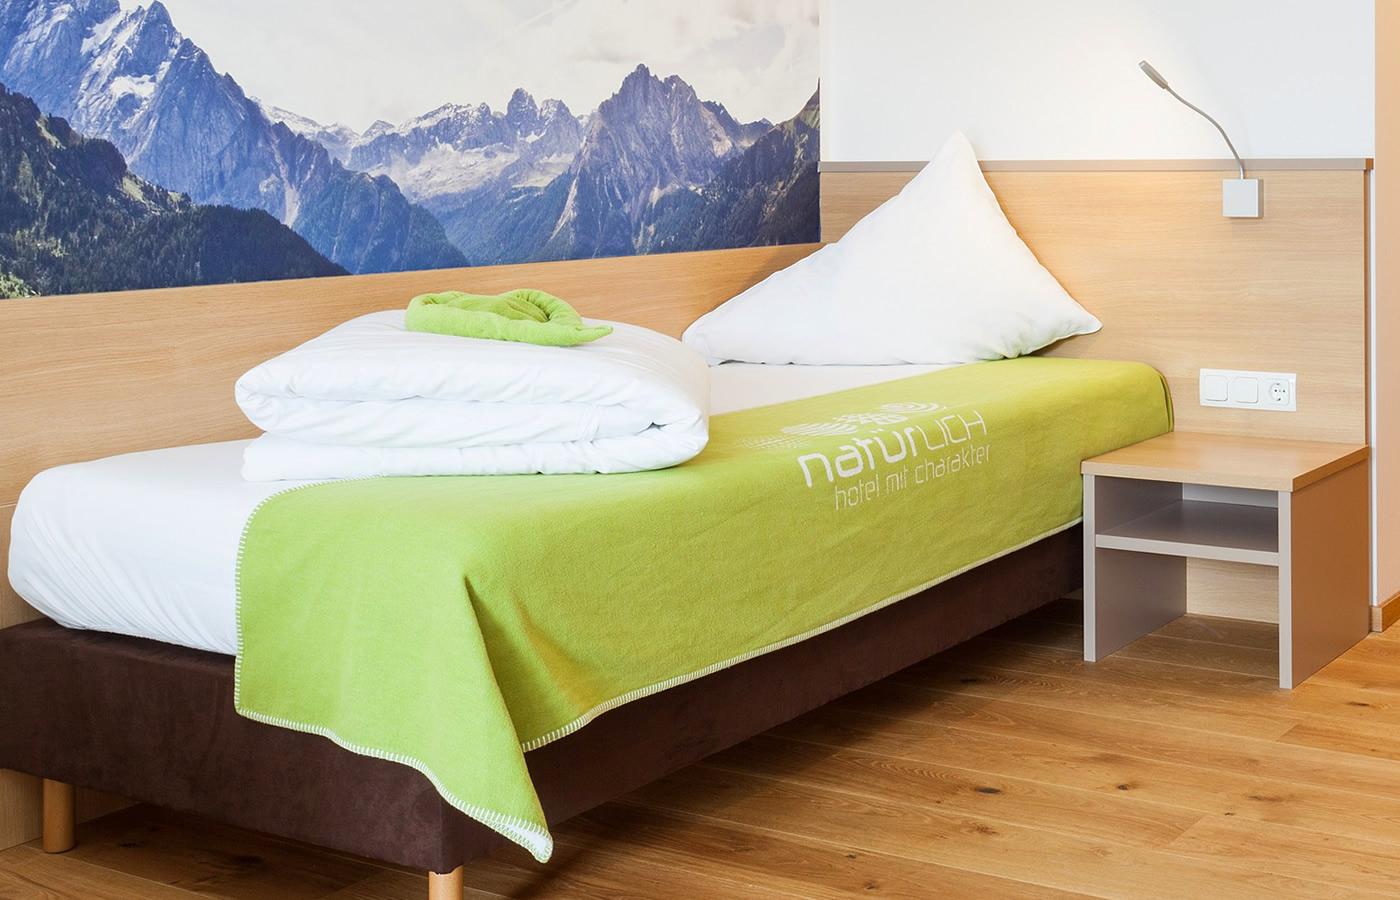 Einzelzimmer in Bikeparknähe - Serfaus-Fiss-Ladis in Tirol.